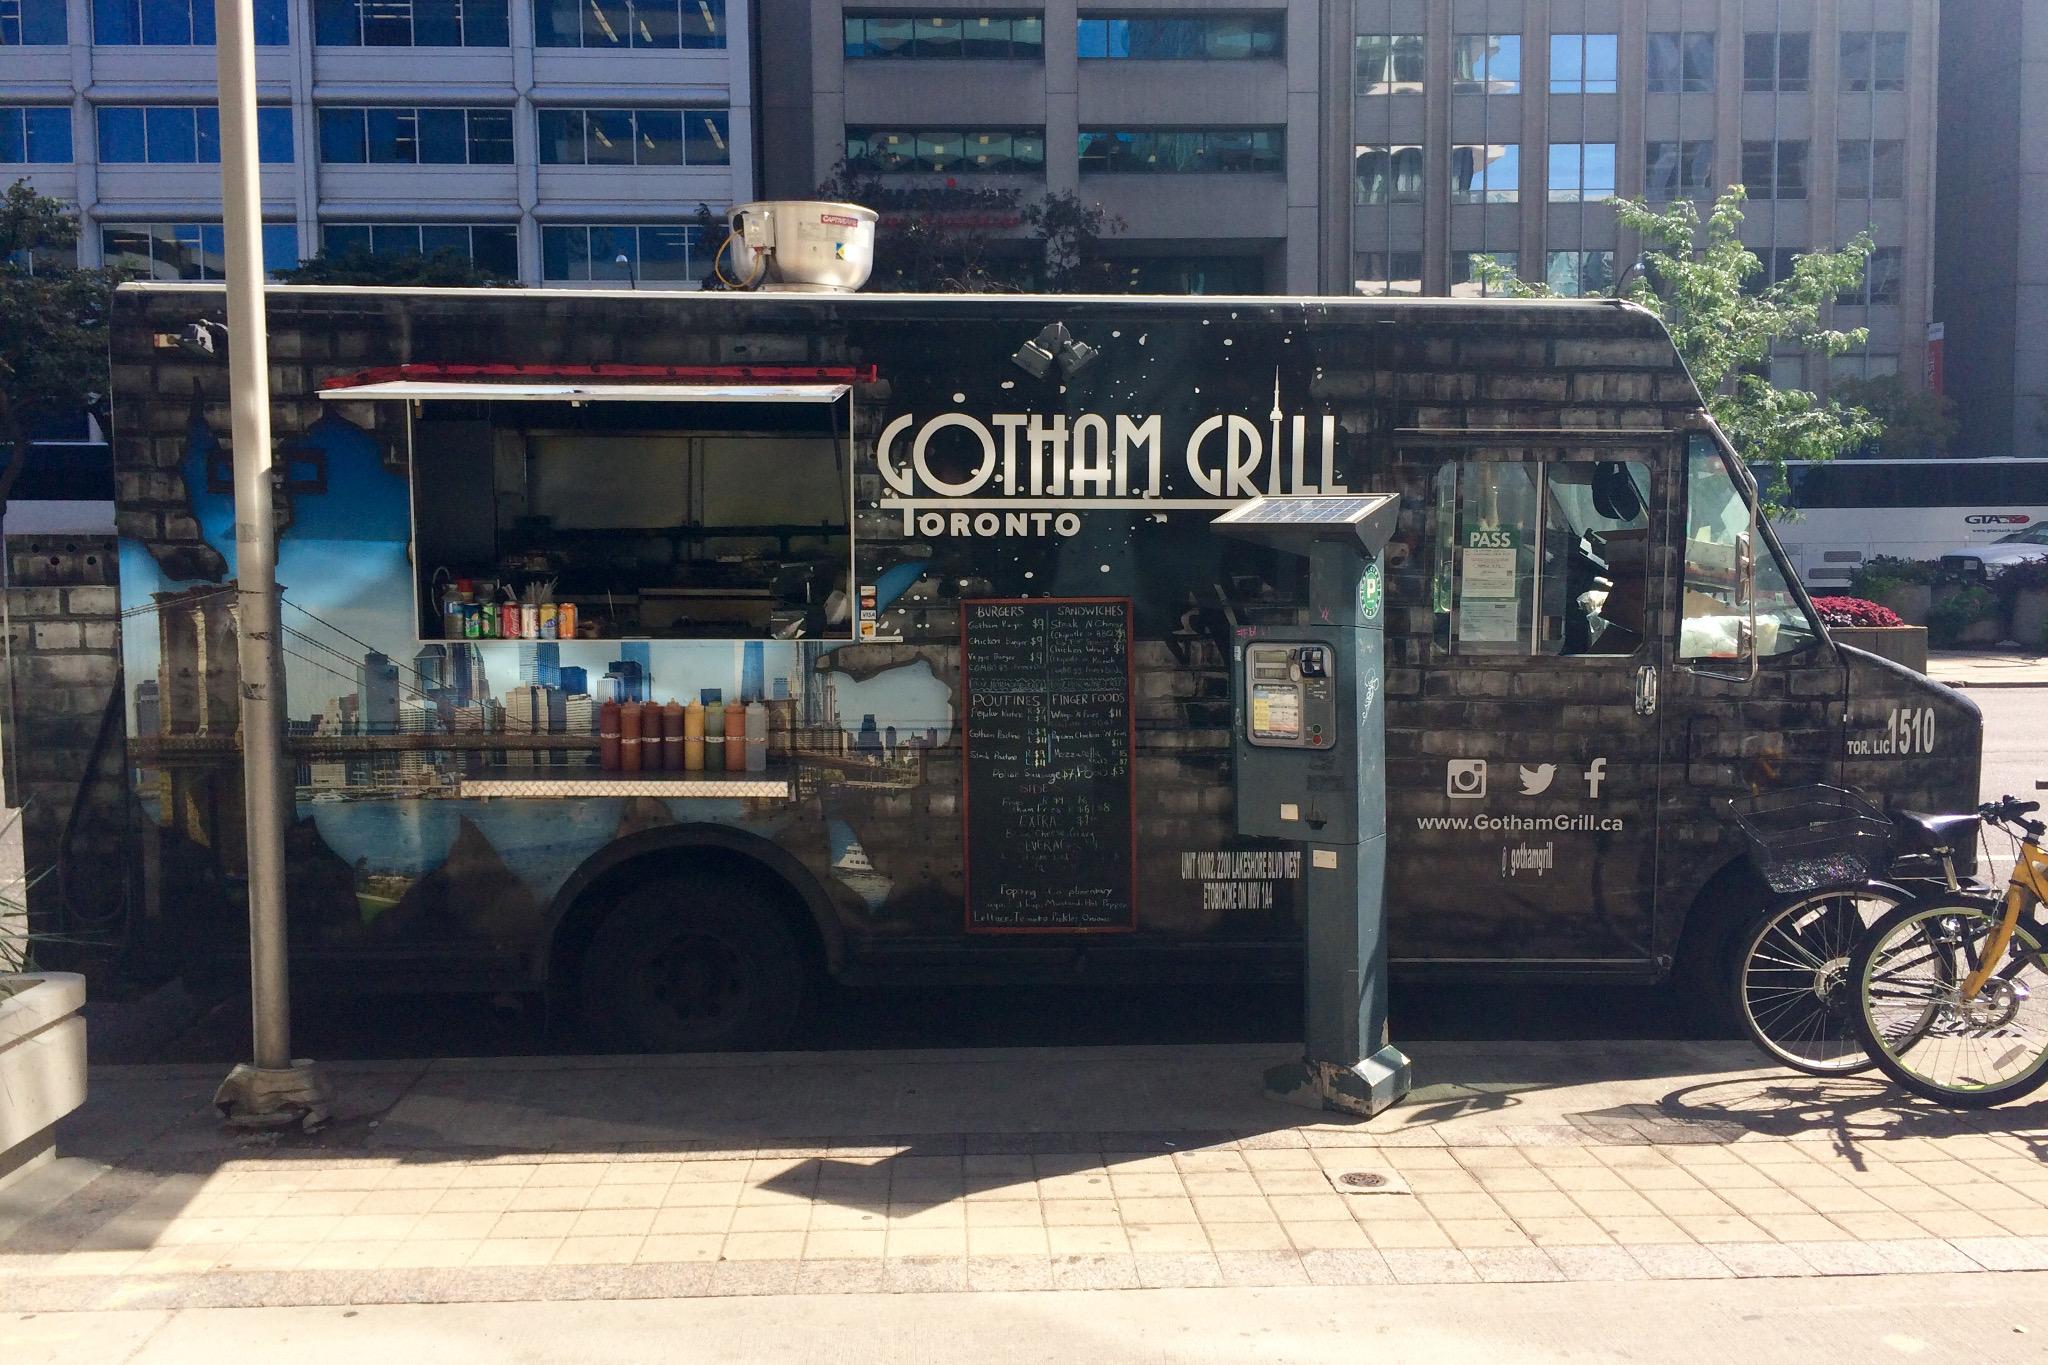 Gotham Grill